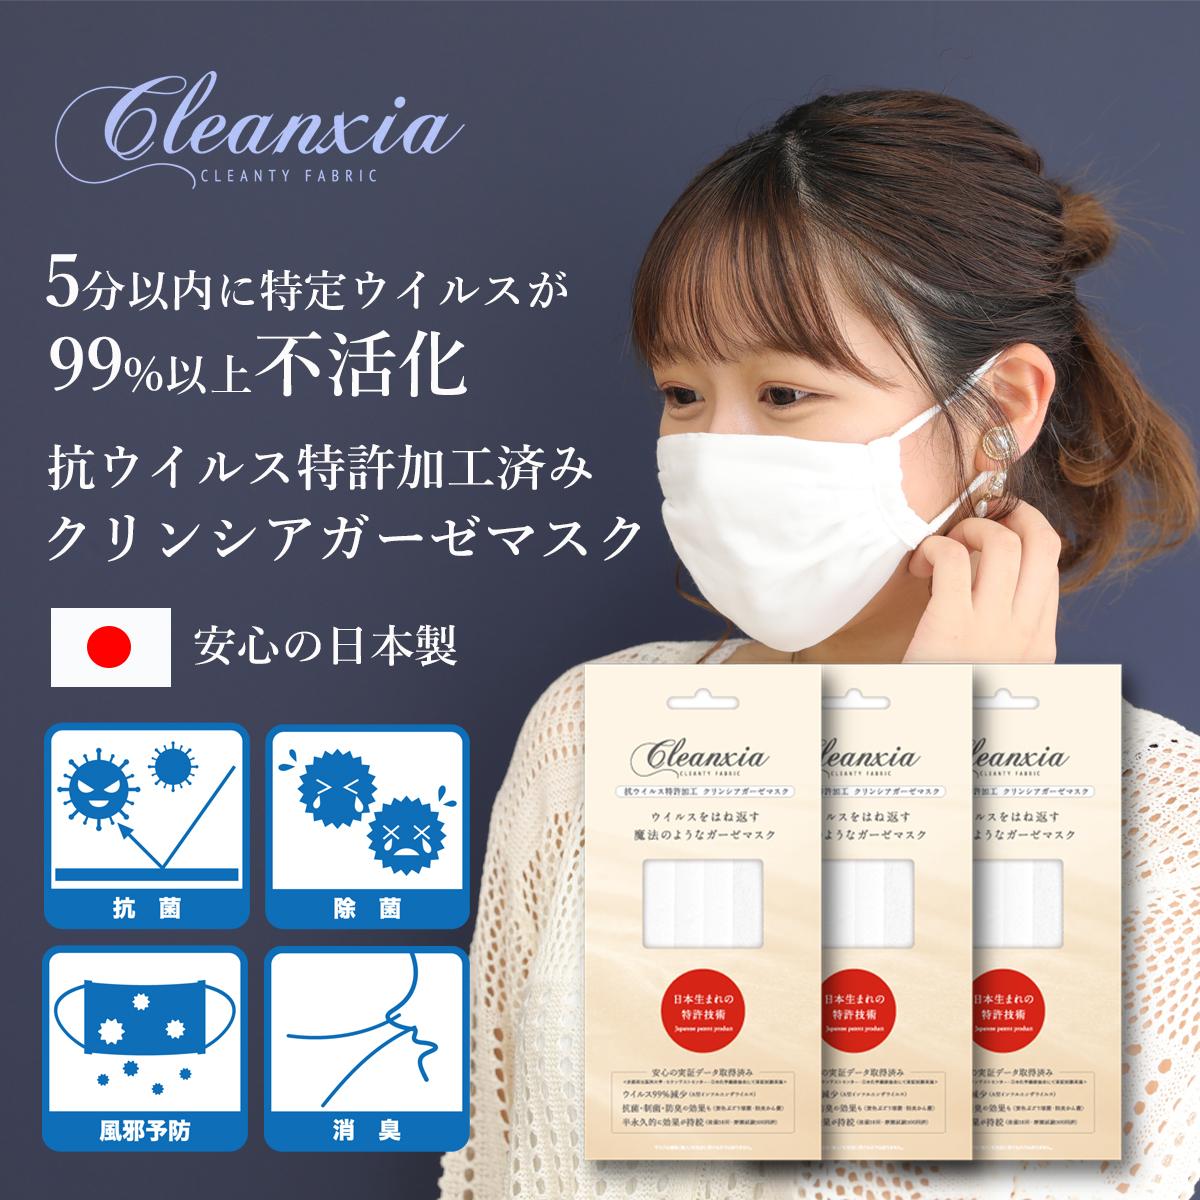 【[5枚セット30%OFF]第4波に負けるなキャンペーン(期間限定)】ウイルス感染対策に 抗ウィルス特許加工 肌に優しいやわらかガーゼマスク 日本製 不織布マスクの替わりに【生地に触れるだけで試験済みウイルスが5分以内に99%以上不活化する綿布 cleanxia(クリンシア)】